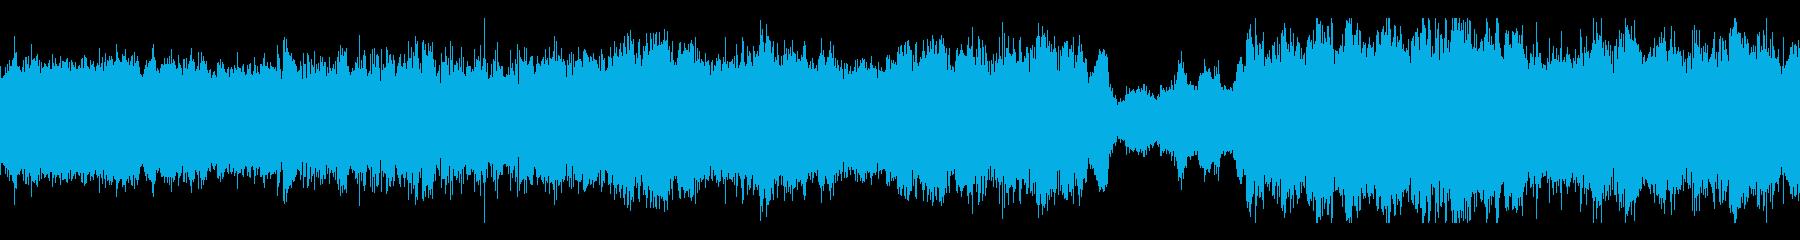 ark01の別ver壮大なエレクトロニカの再生済みの波形